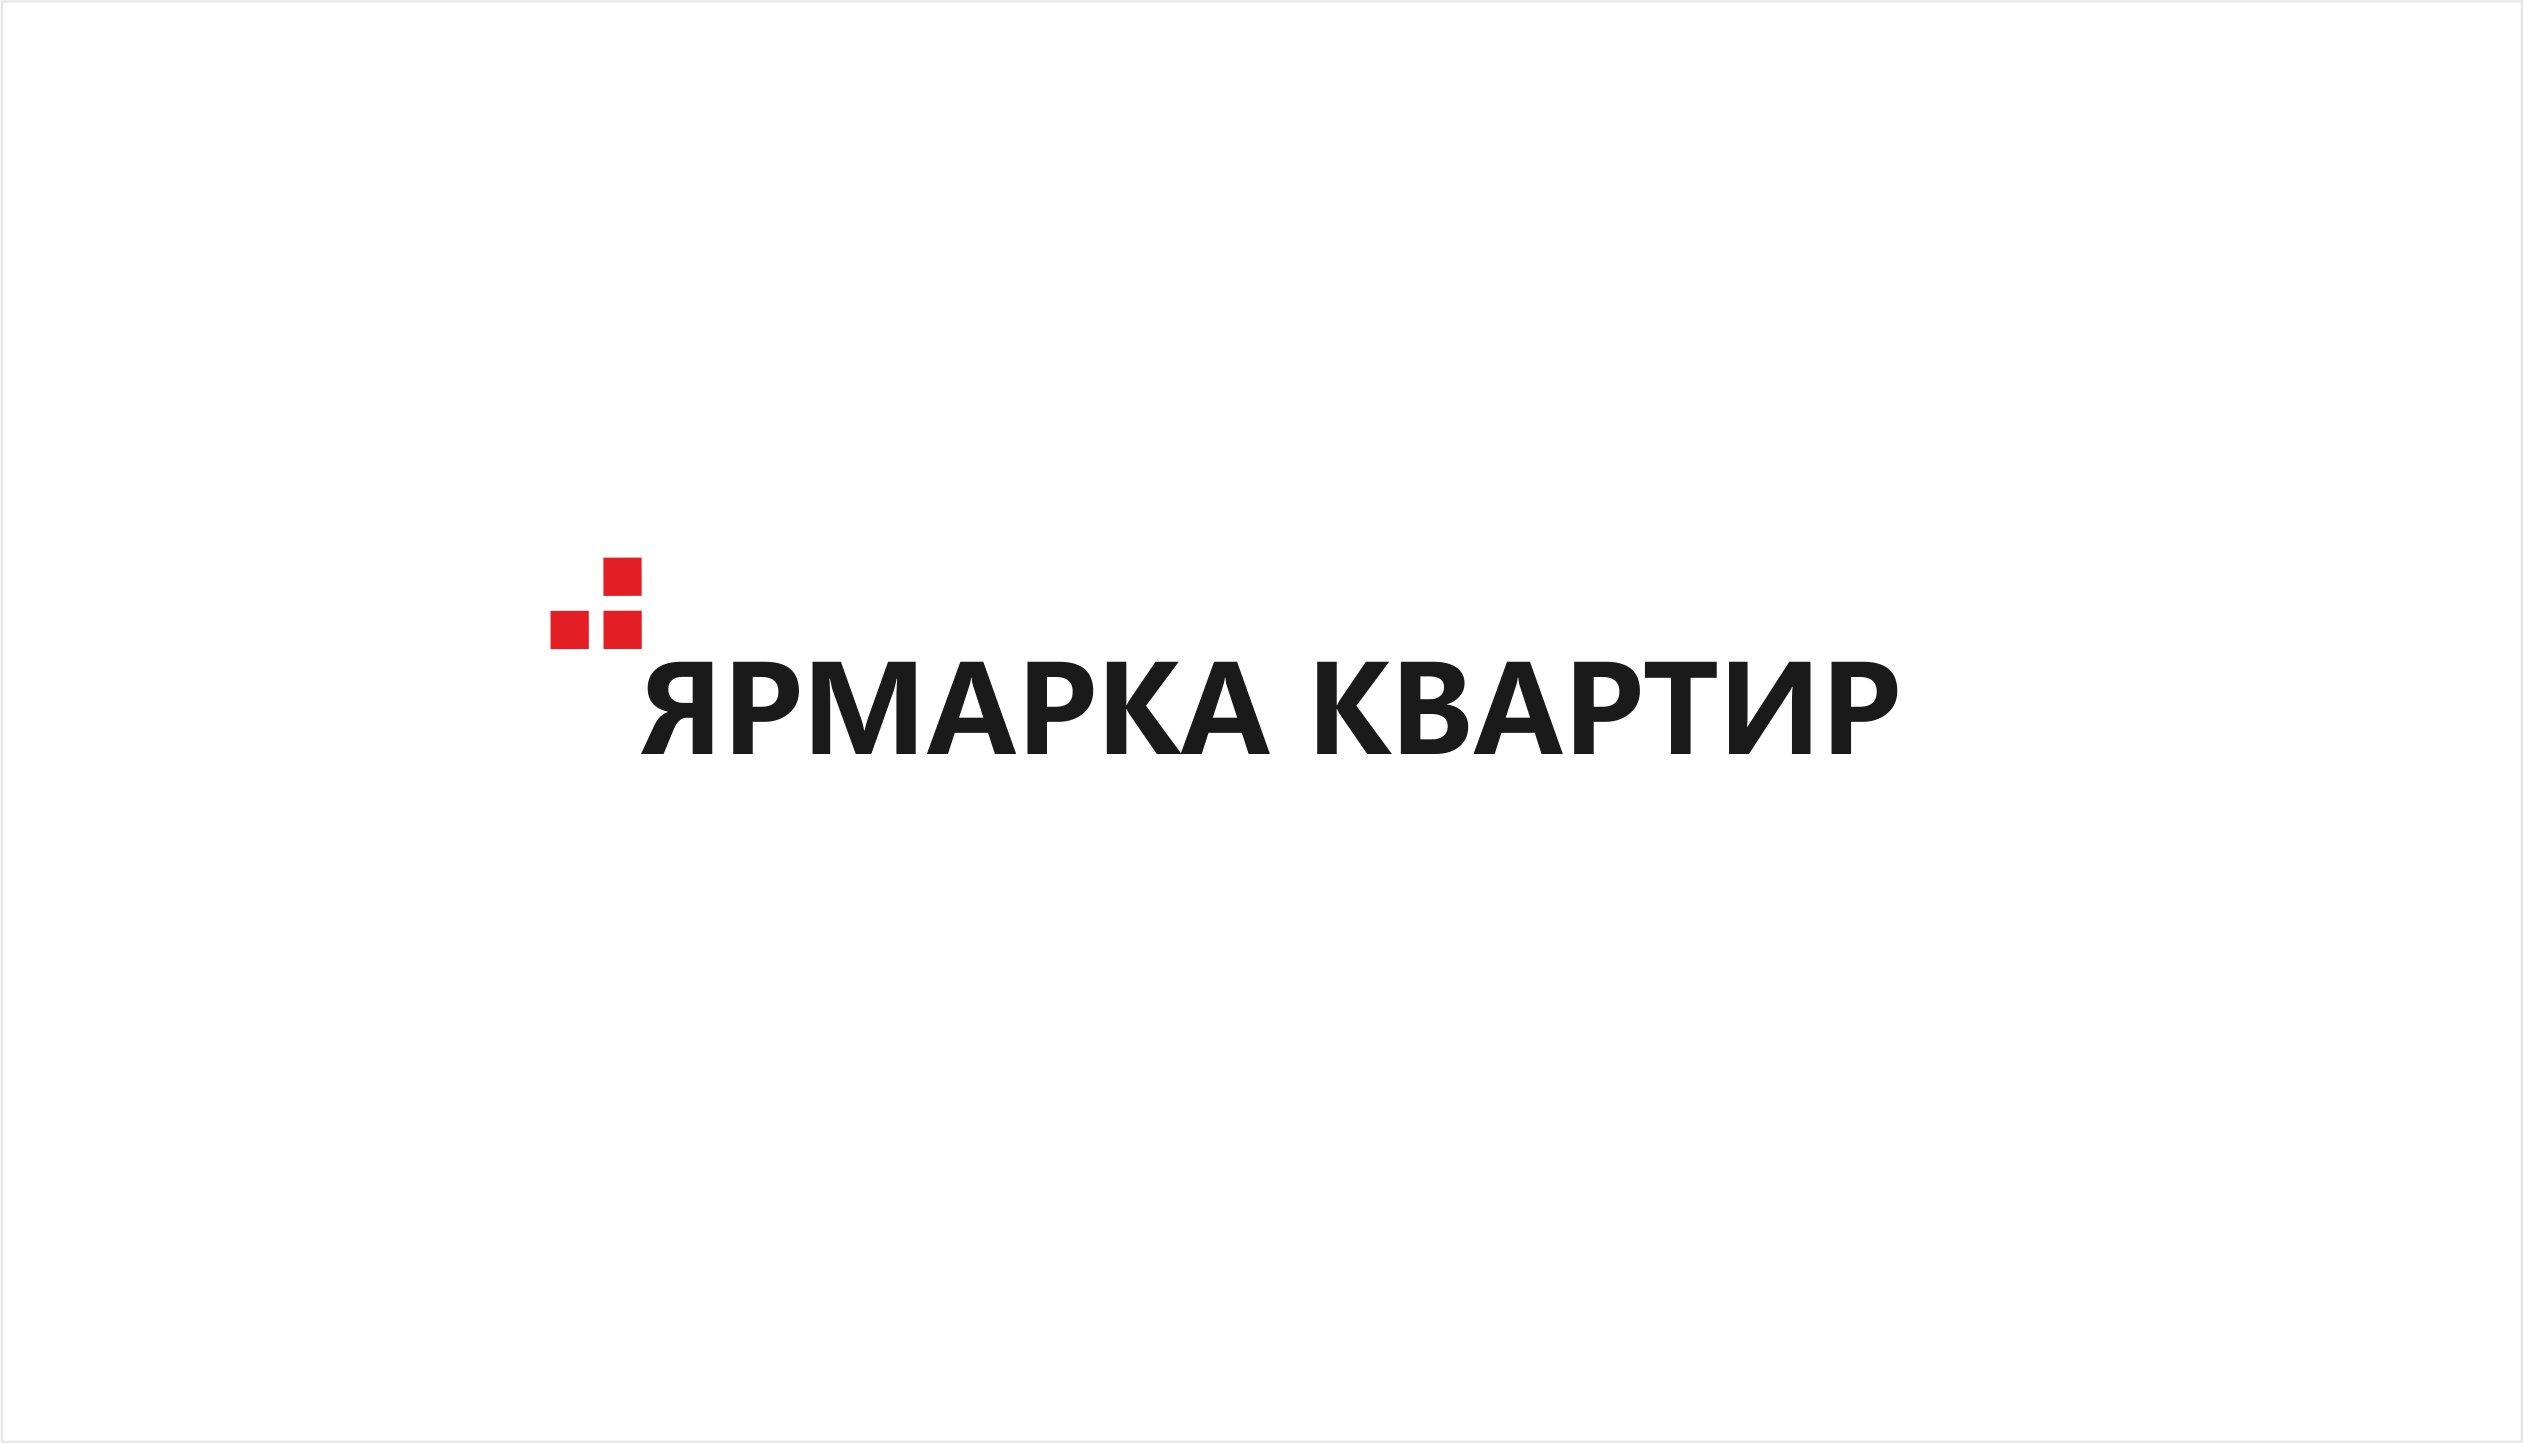 Создание логотипа, с вариантами для визитки и листовки фото f_0376007c23202cec.jpg